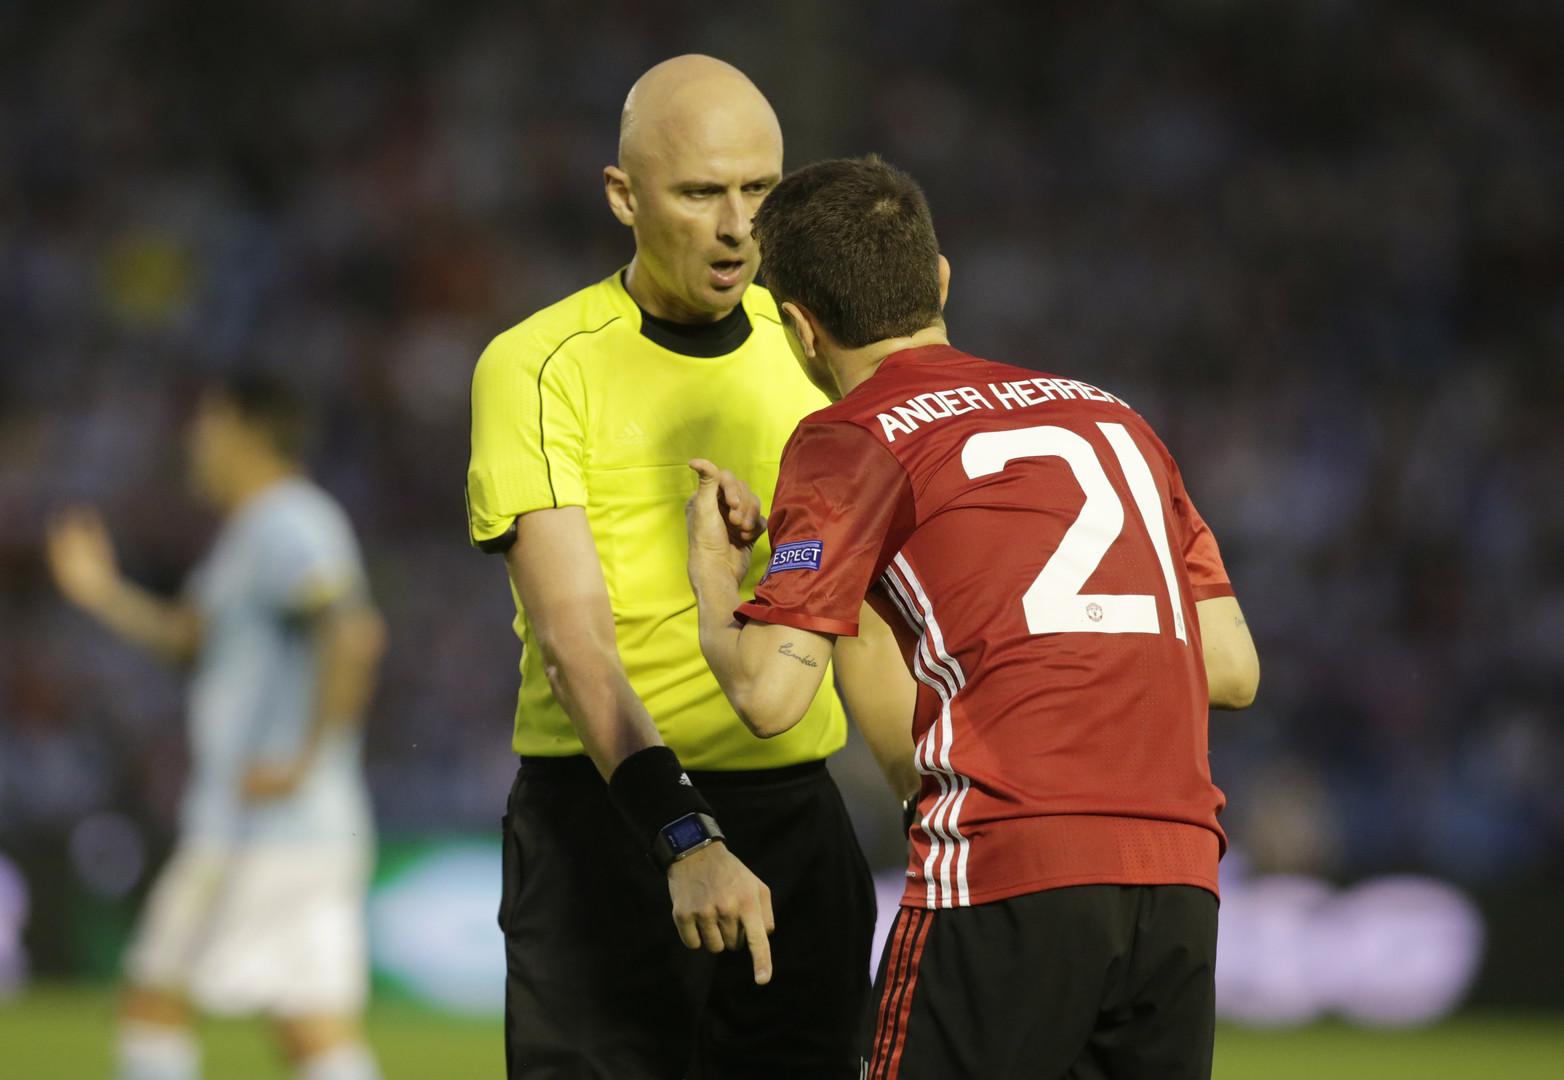 Победа имени Карасёва: «Манчестер Юнайтед» обыграл «Сельту» в полуфинале Лиги Европы